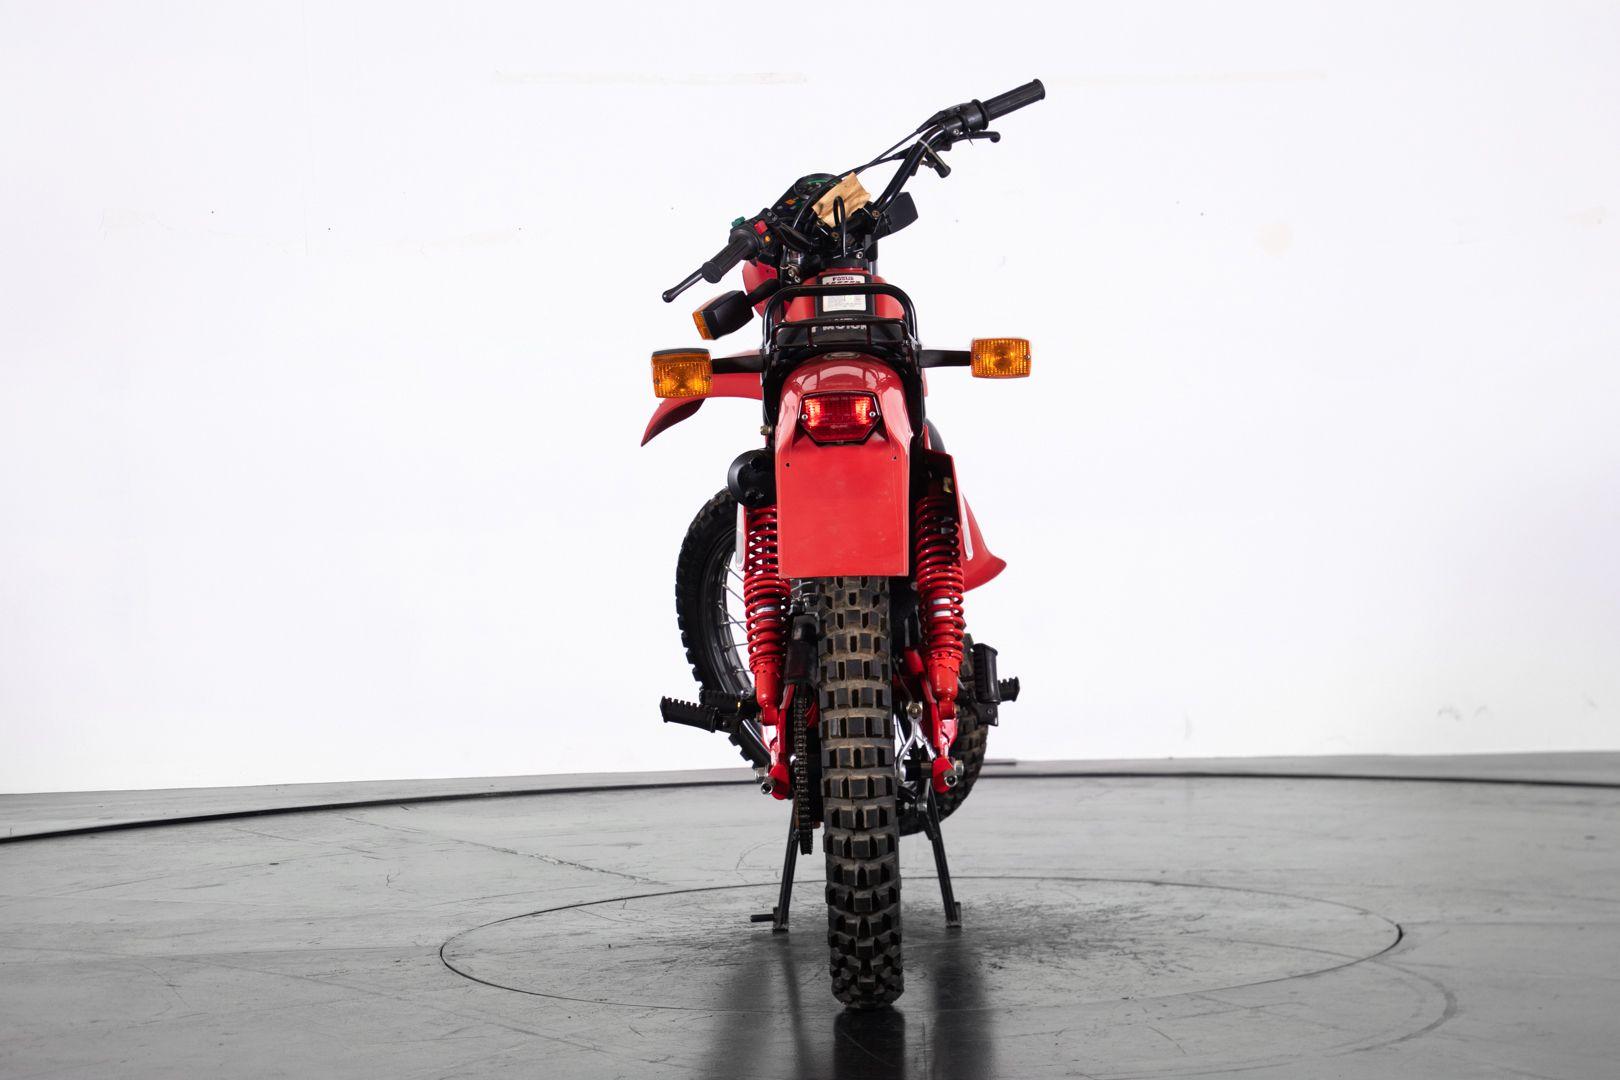 1983 FANTIC MOTOR RSX 125 50168